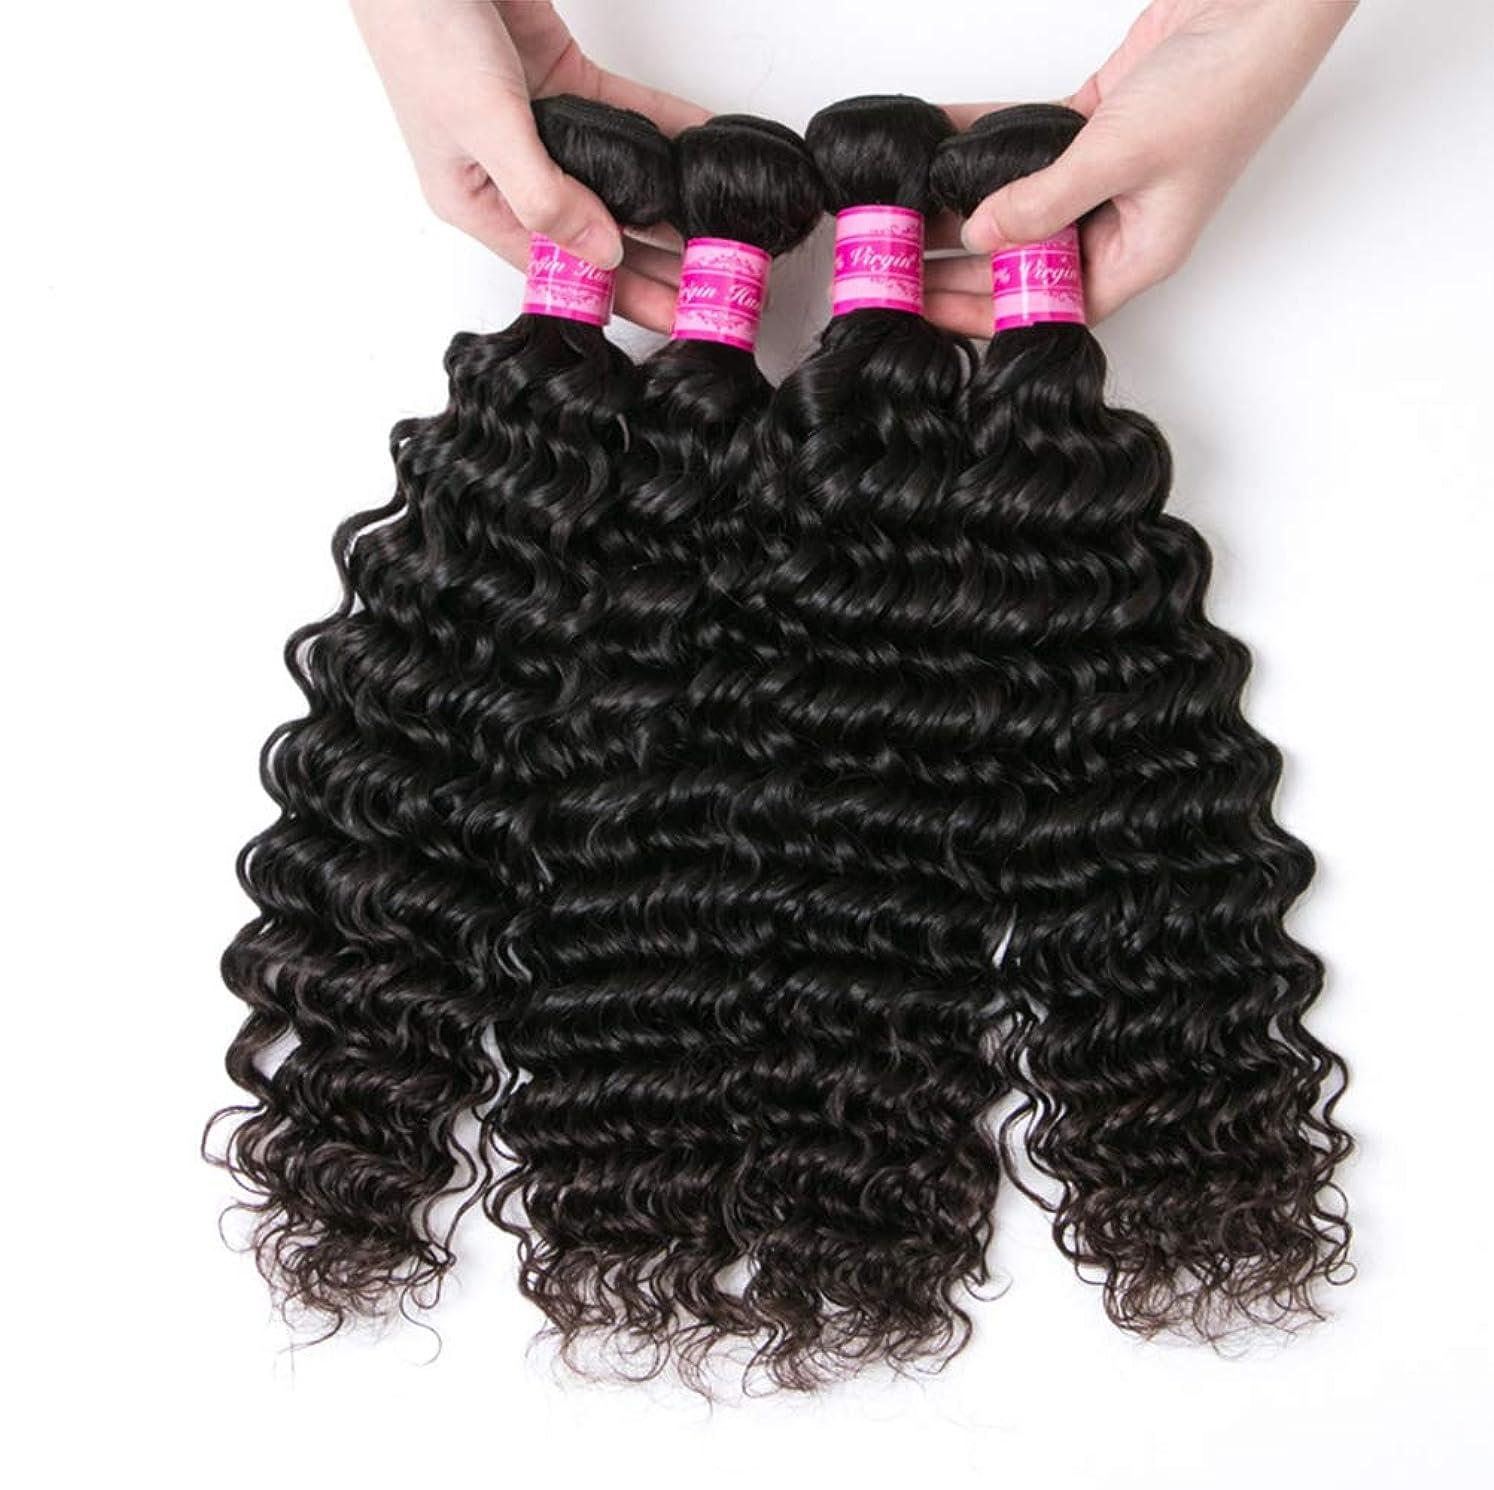 染料さておき滅びる150%密度未処理ブラジルディープカーリーヘアバンドル本物の人間の髪の毛の束バージンブラジル髪